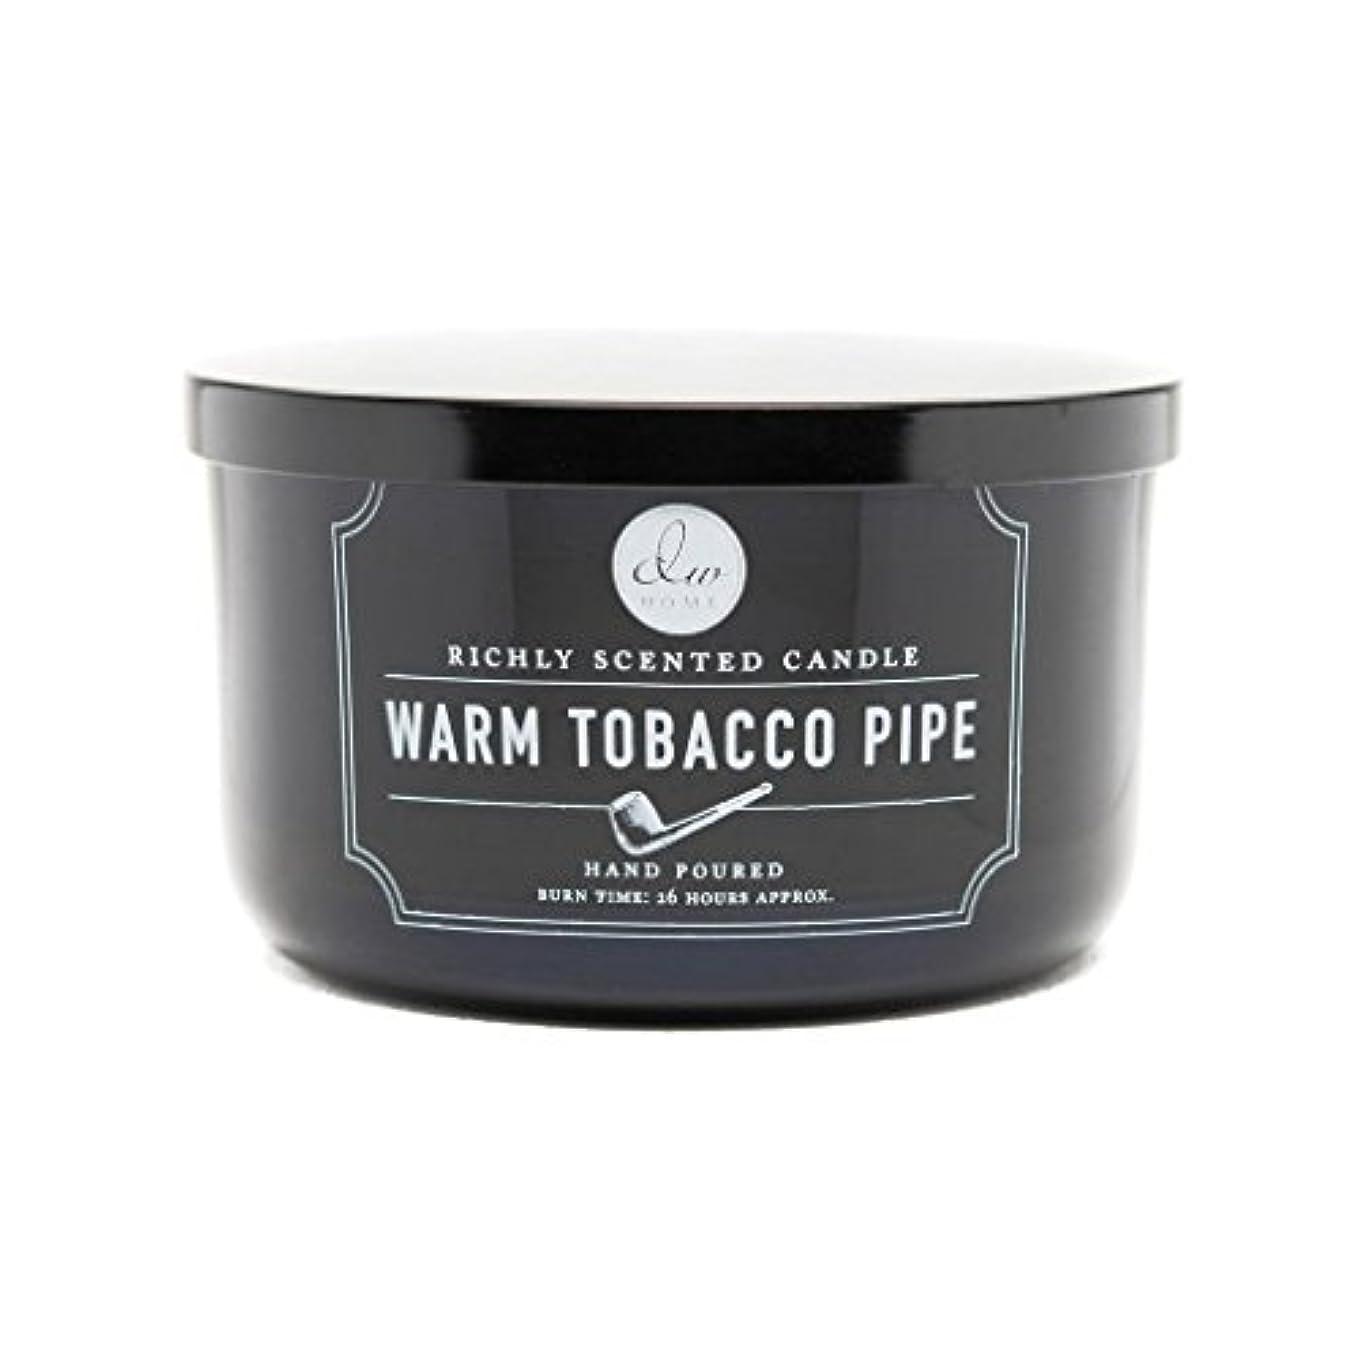 苦情文句スカウトくそーDecoware Richly Scented Warm Tobacco Pipe 3-Wick Candle 13.8 Oz. In Glass by Decoware